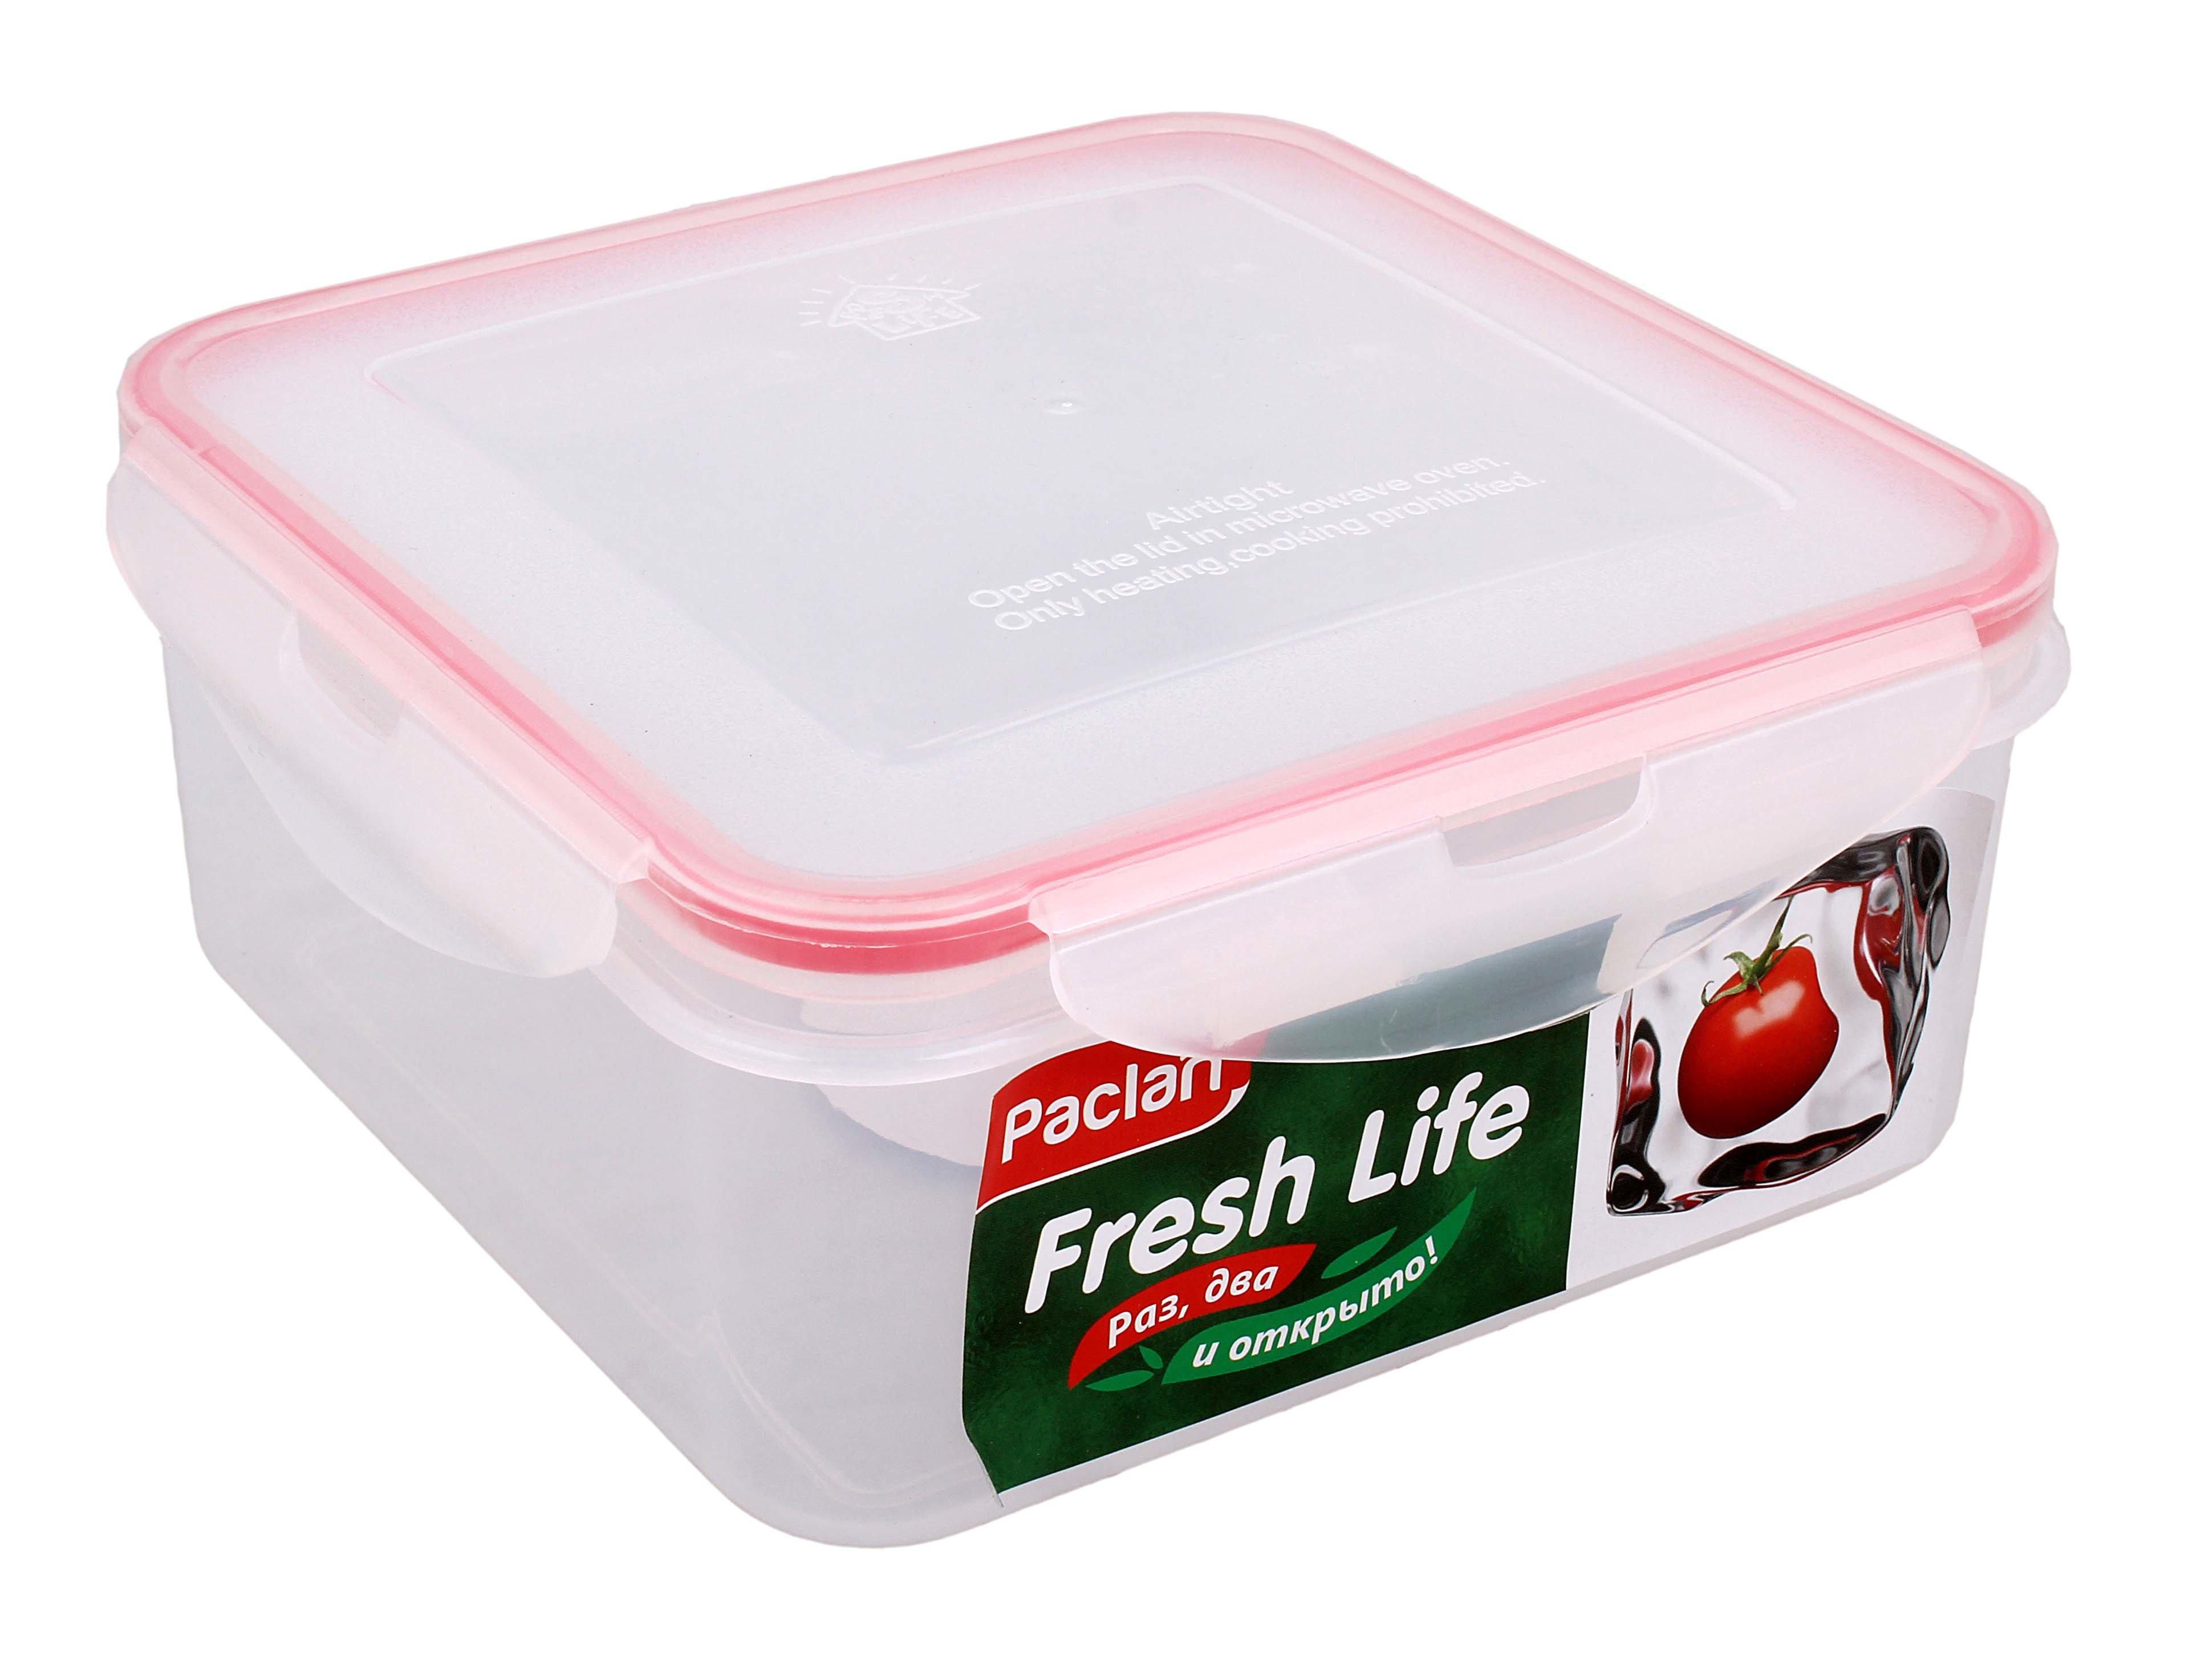 Контейнер Paclan 414004 контейнер квадратный для пищевых продуктов 1.7л арт.